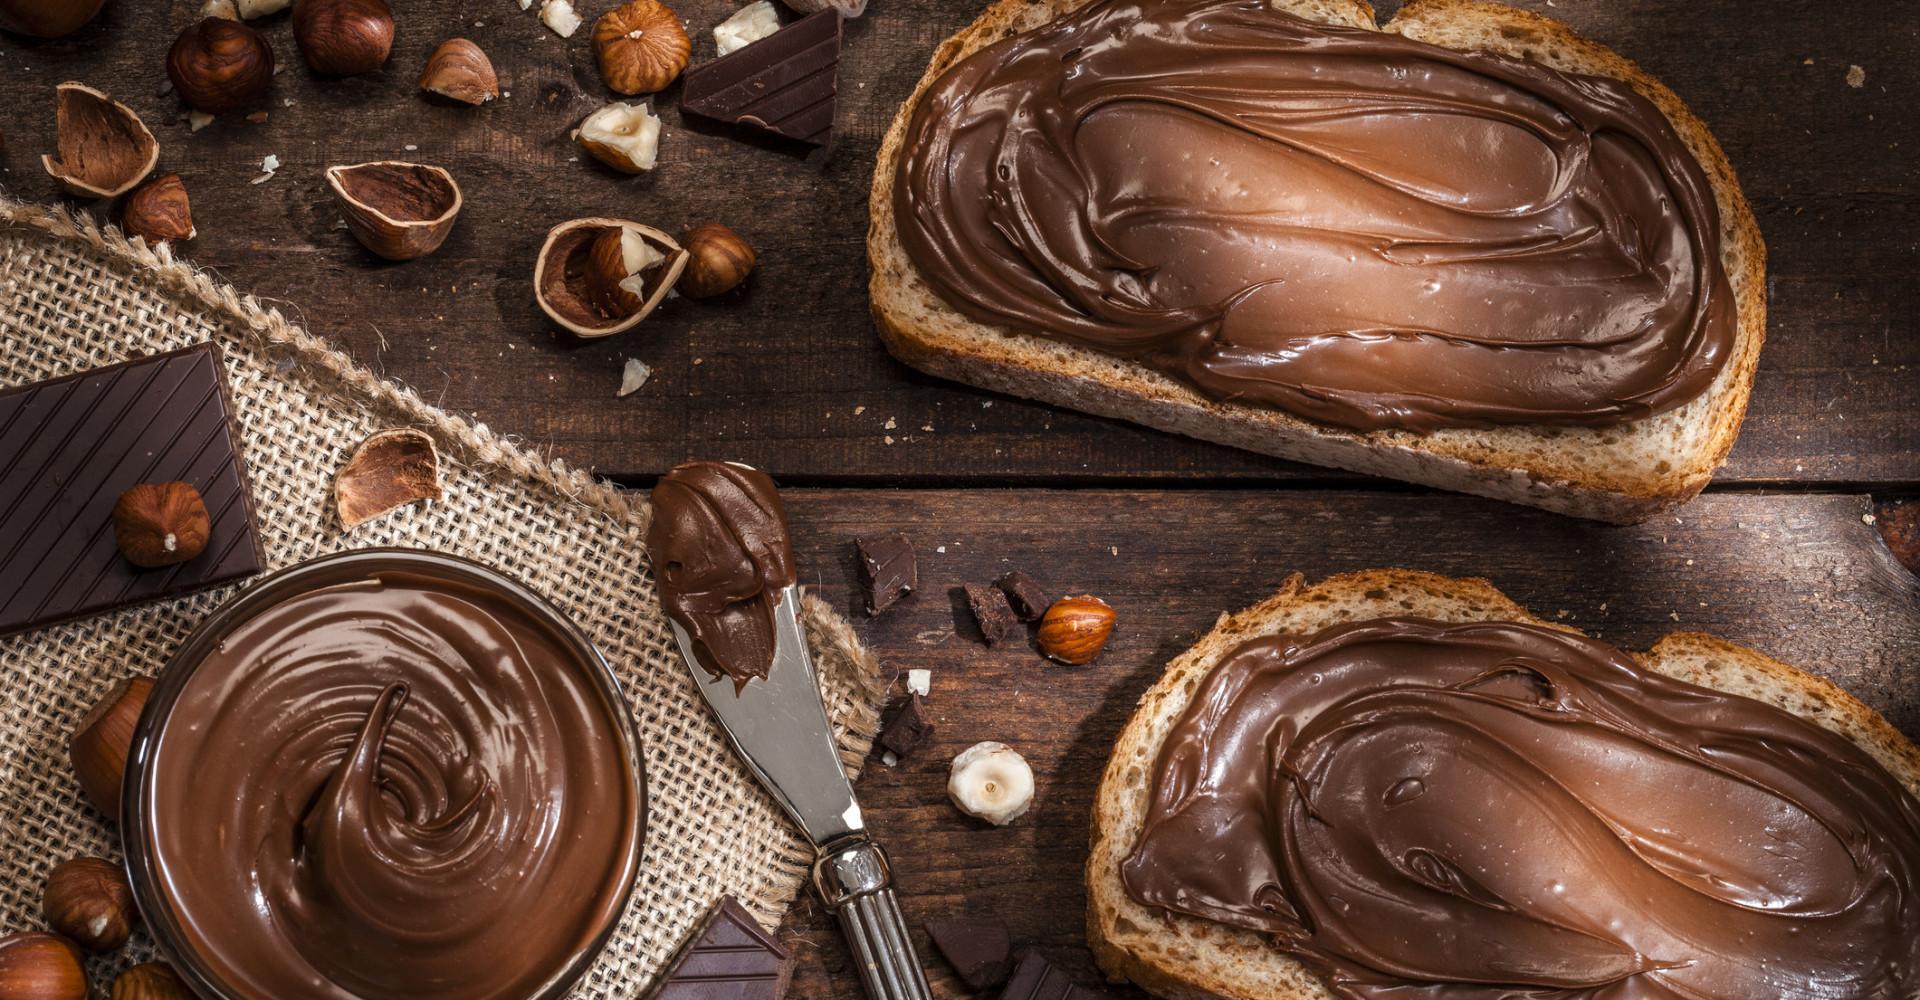 Découvrez ces pâtes à tartiner qui changent du Nutella!